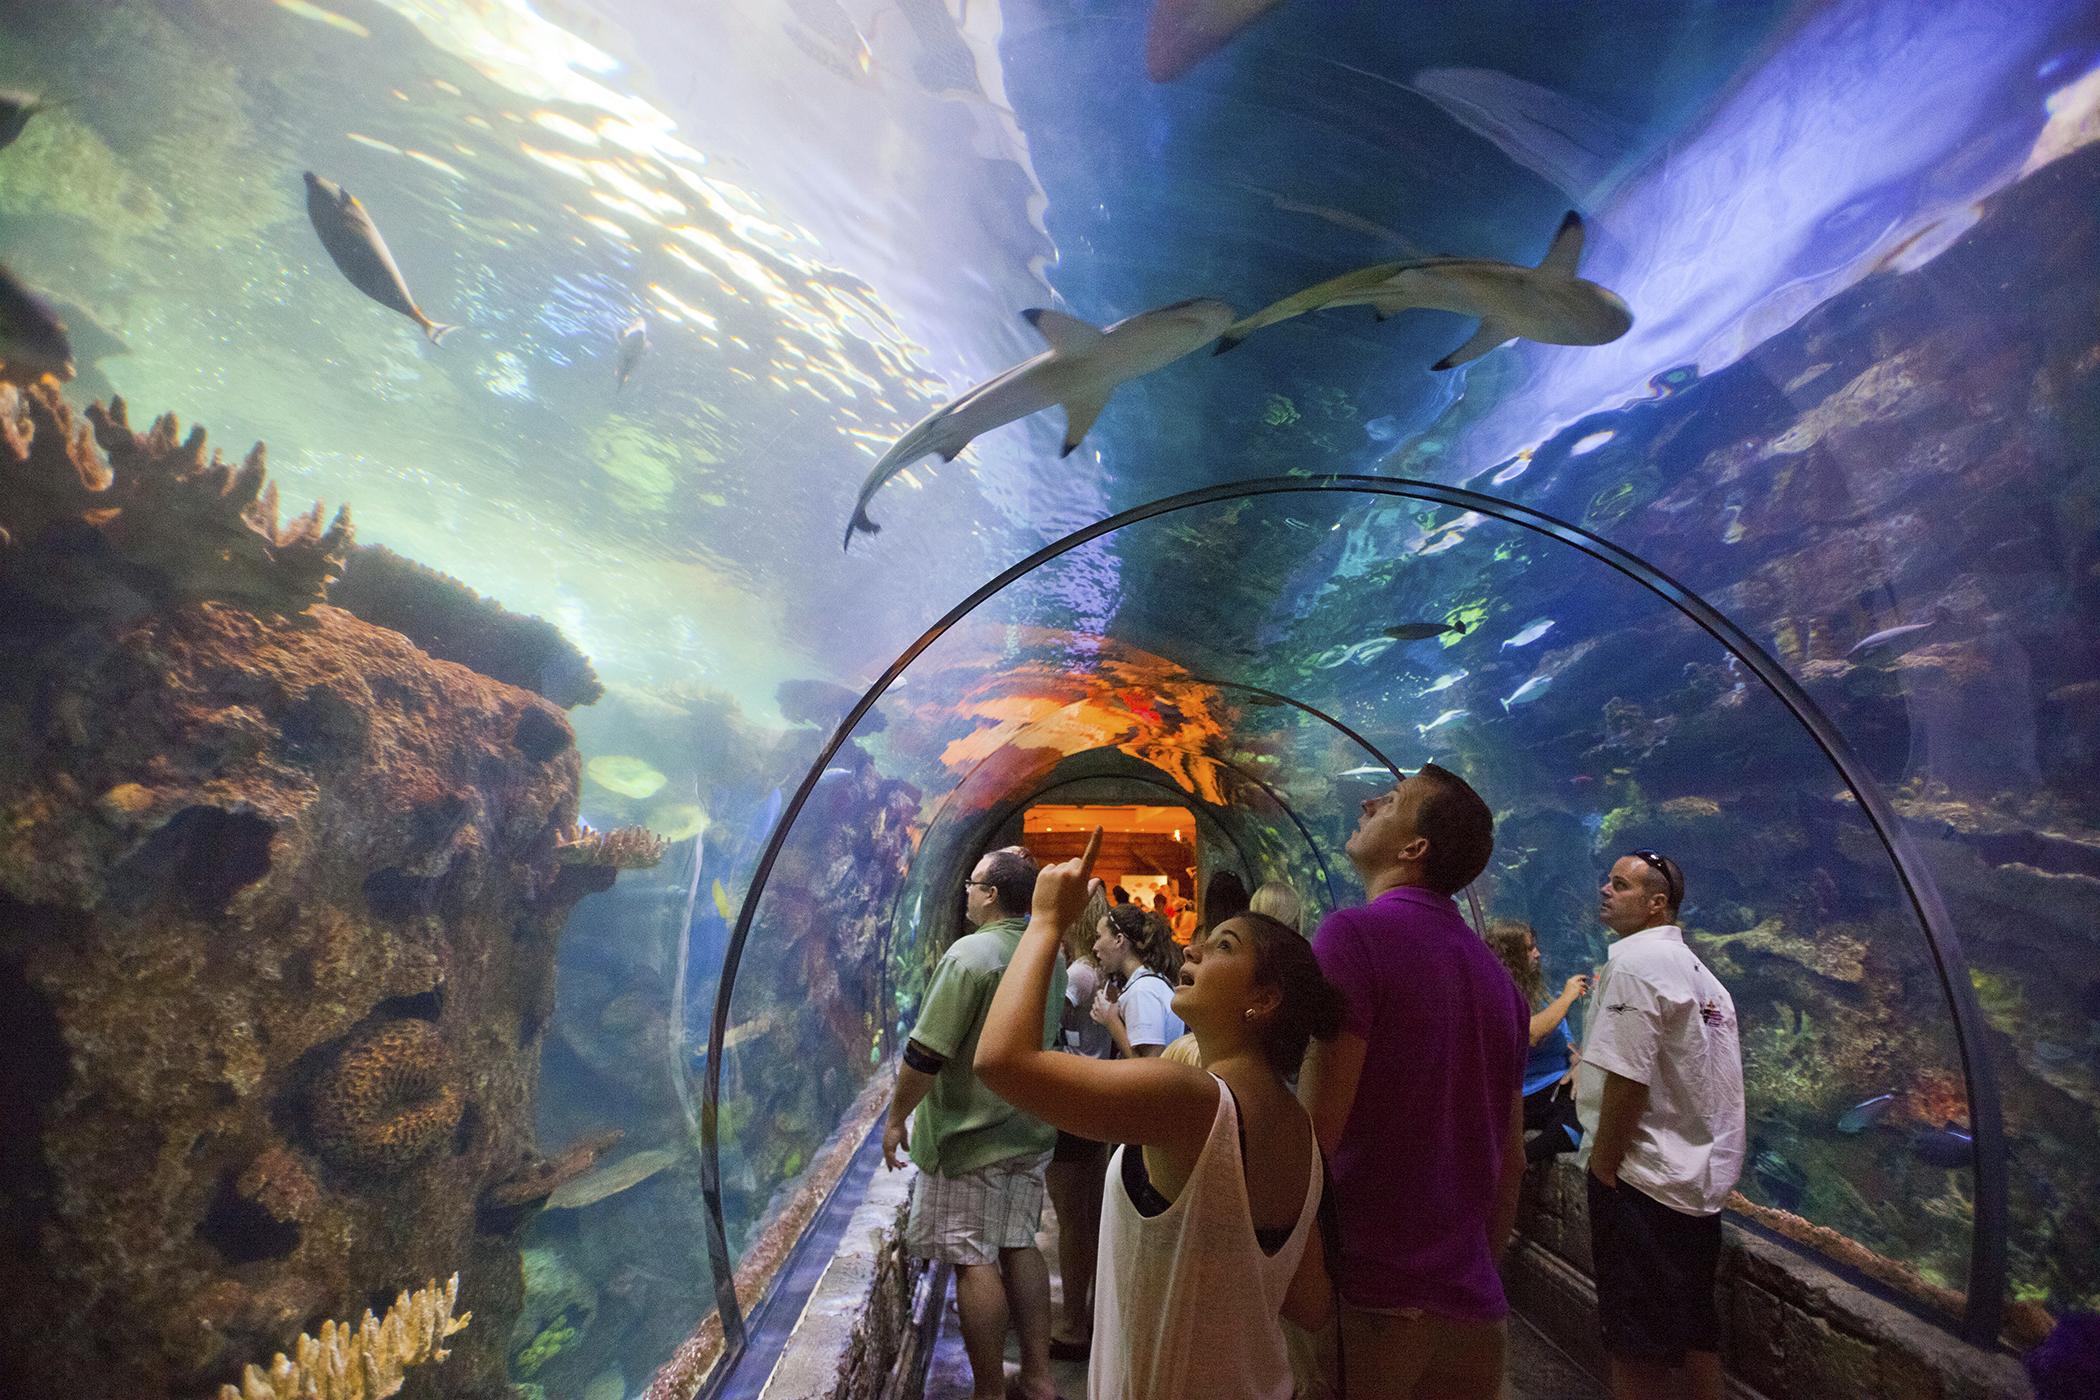 Shark Reef, Mandalay Bay, Las Vegas, Nevada